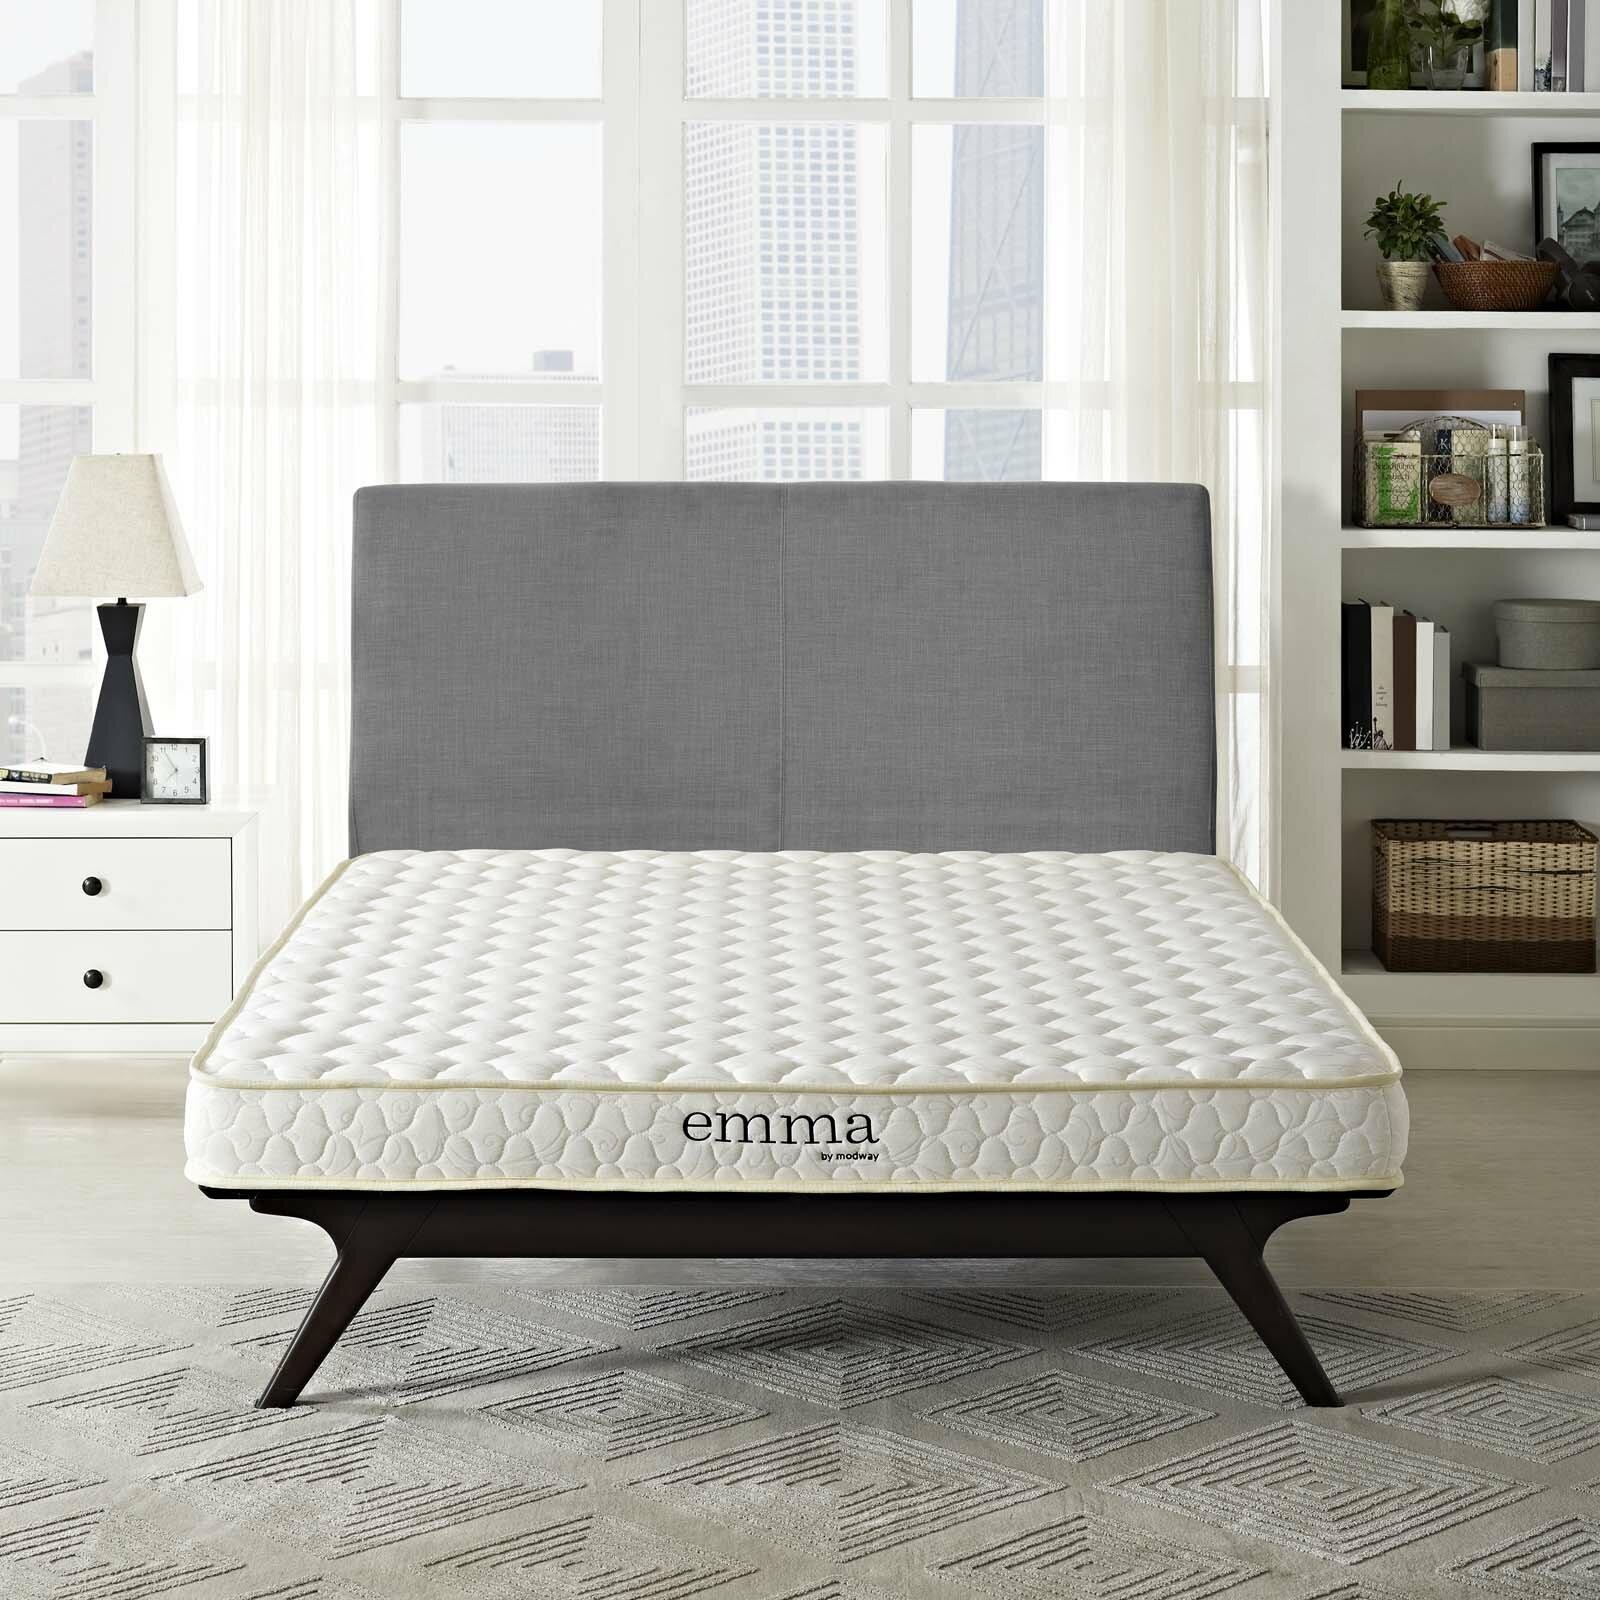 modway emma 6 medium memory foam mattress reviews wayfair